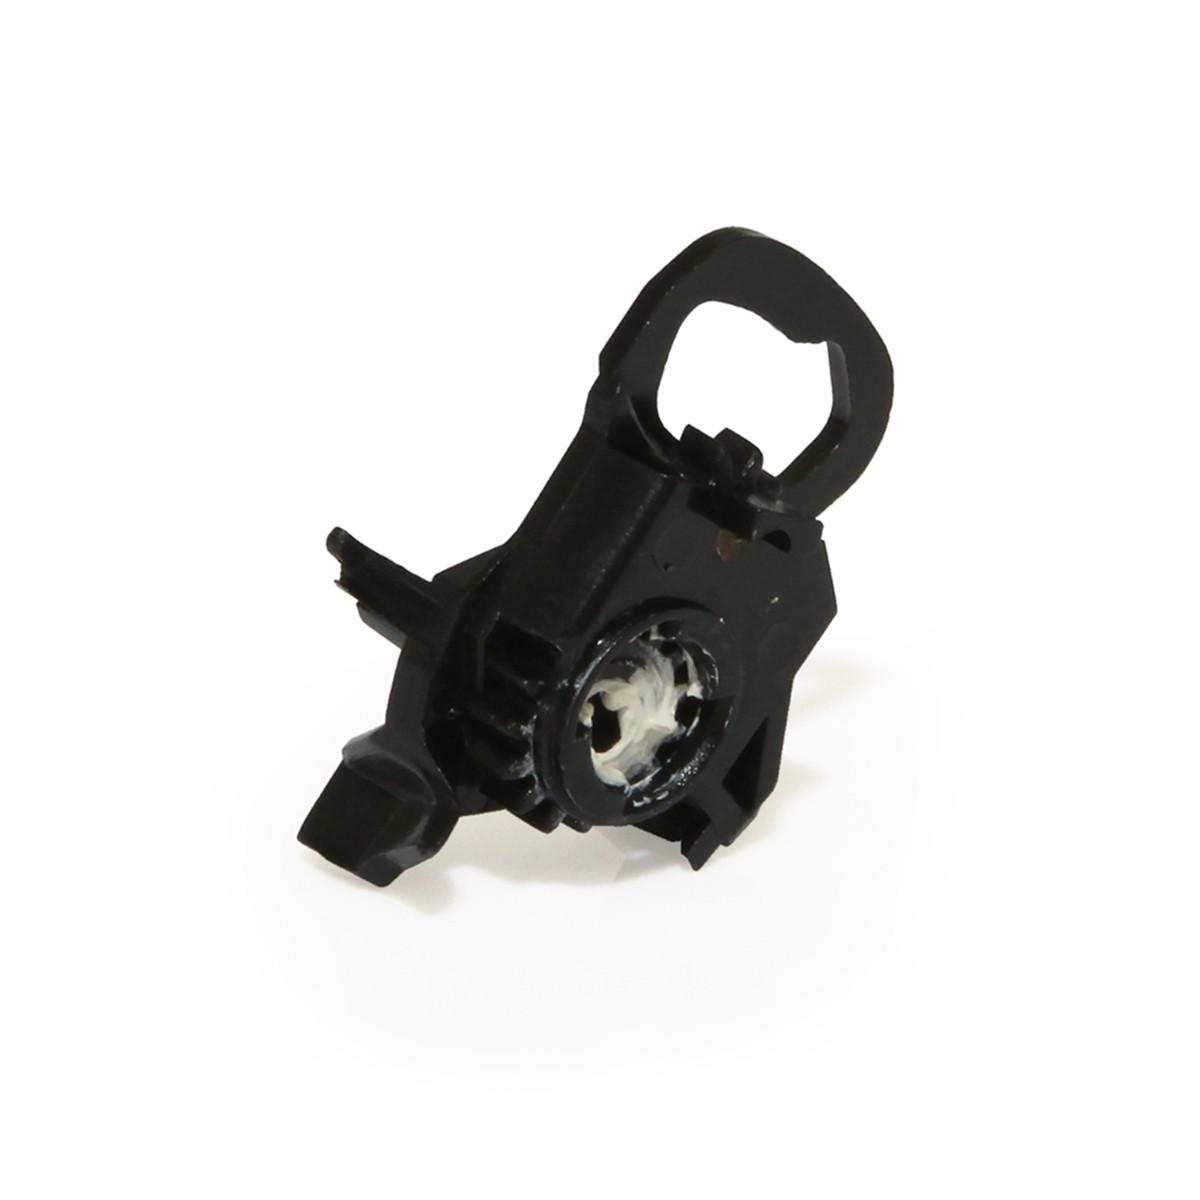 Atuador para Impressora HP 1510 | HP 1610 HP C3180 HP 5940 HP DJ5440 | Com Engrenagem | Original